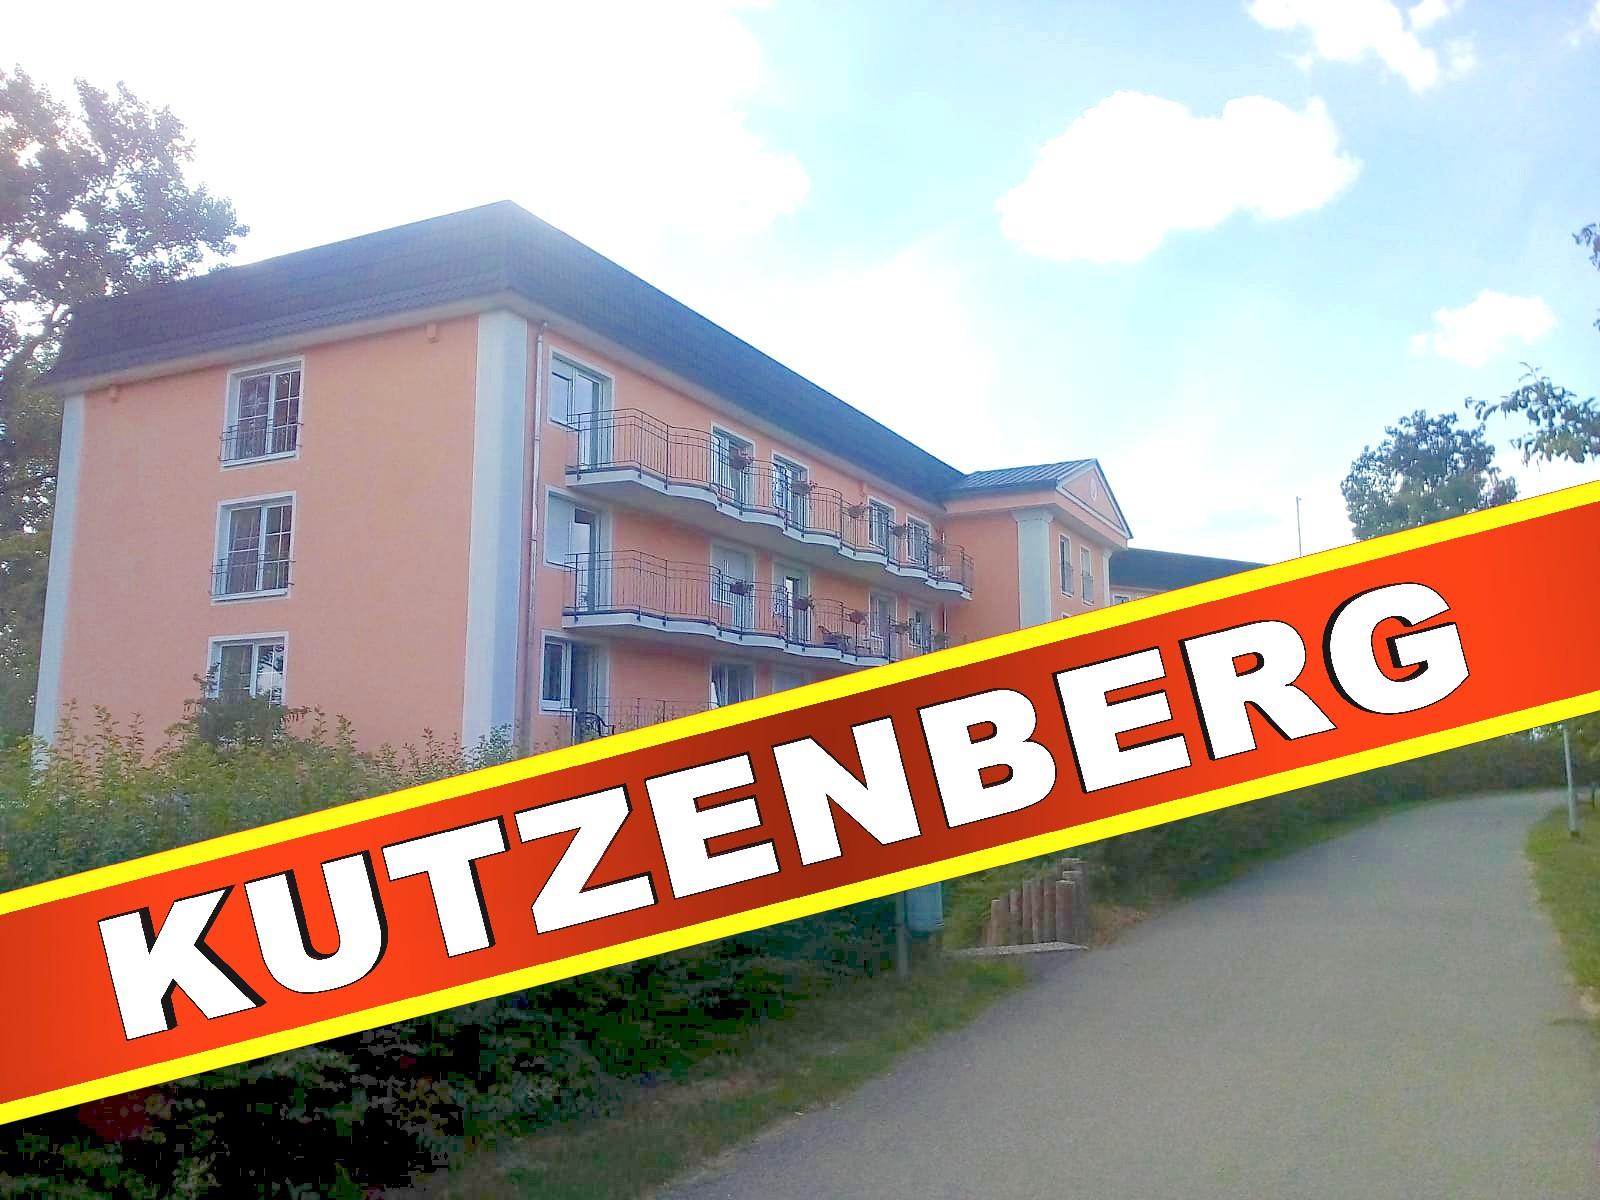 Kutzenberg Haus 27